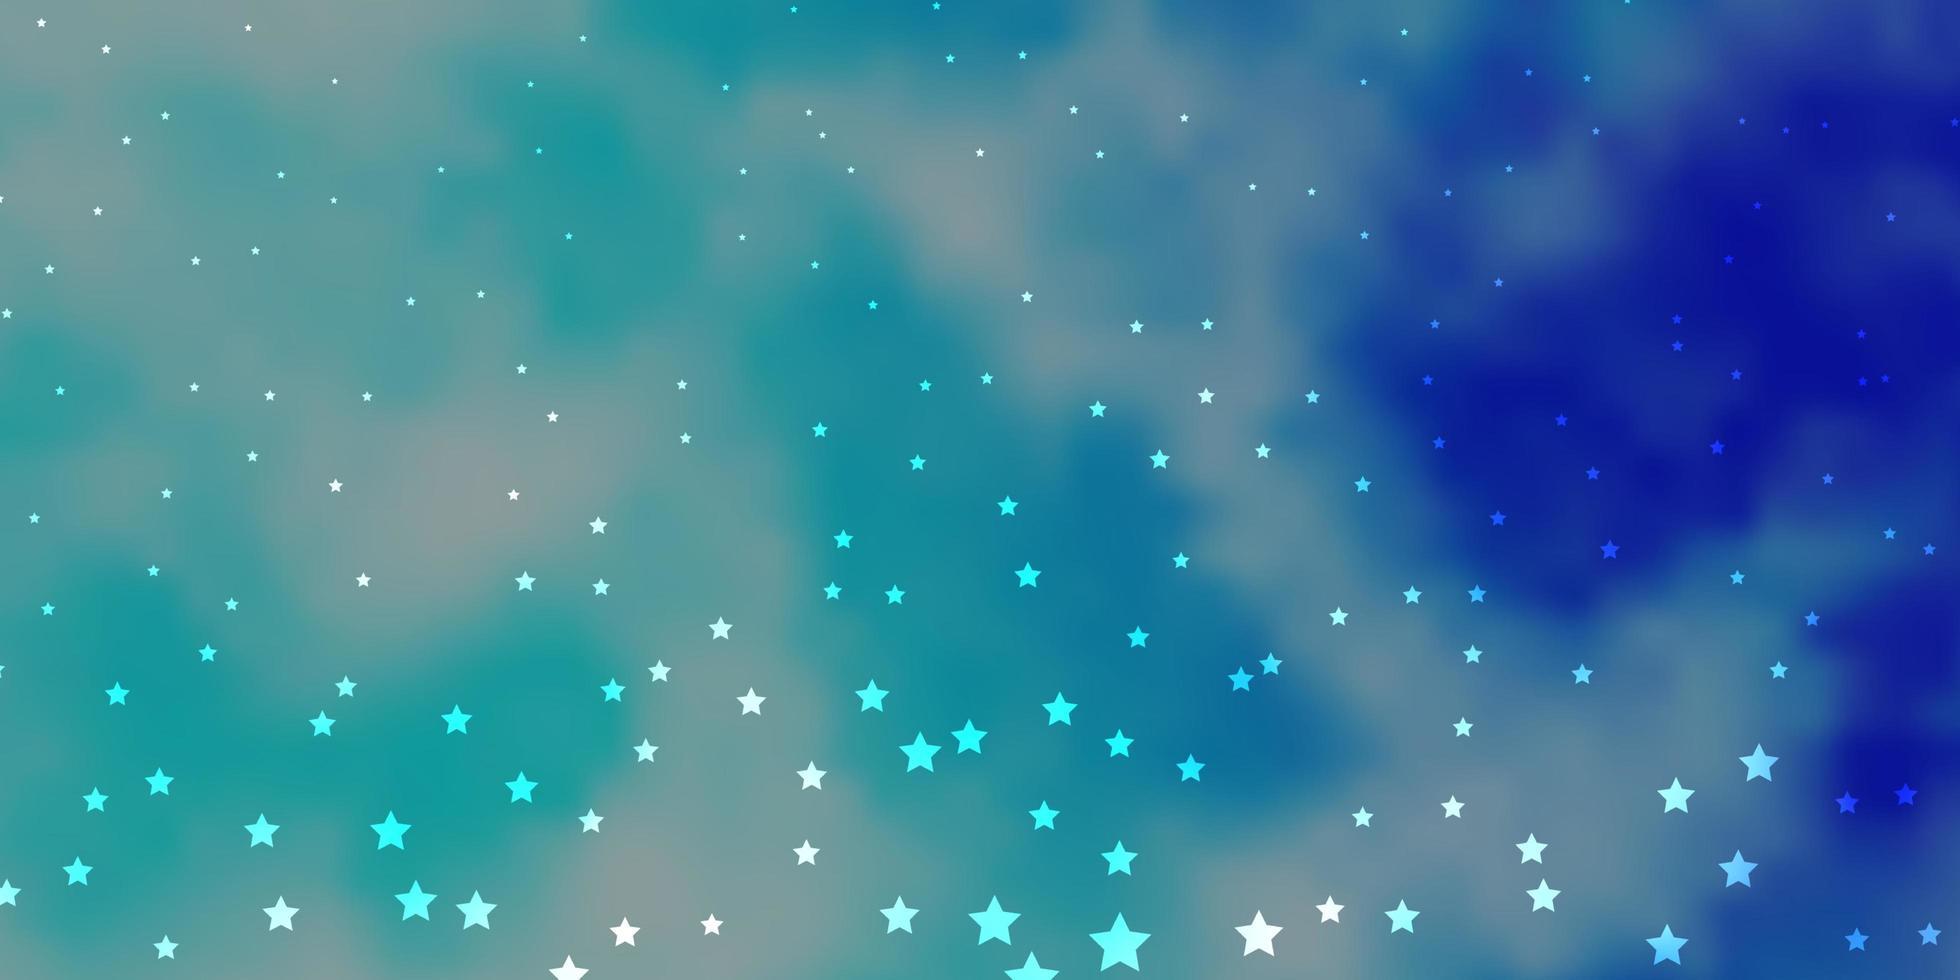 patrón de vector azul oscuro con estrellas abstractas.